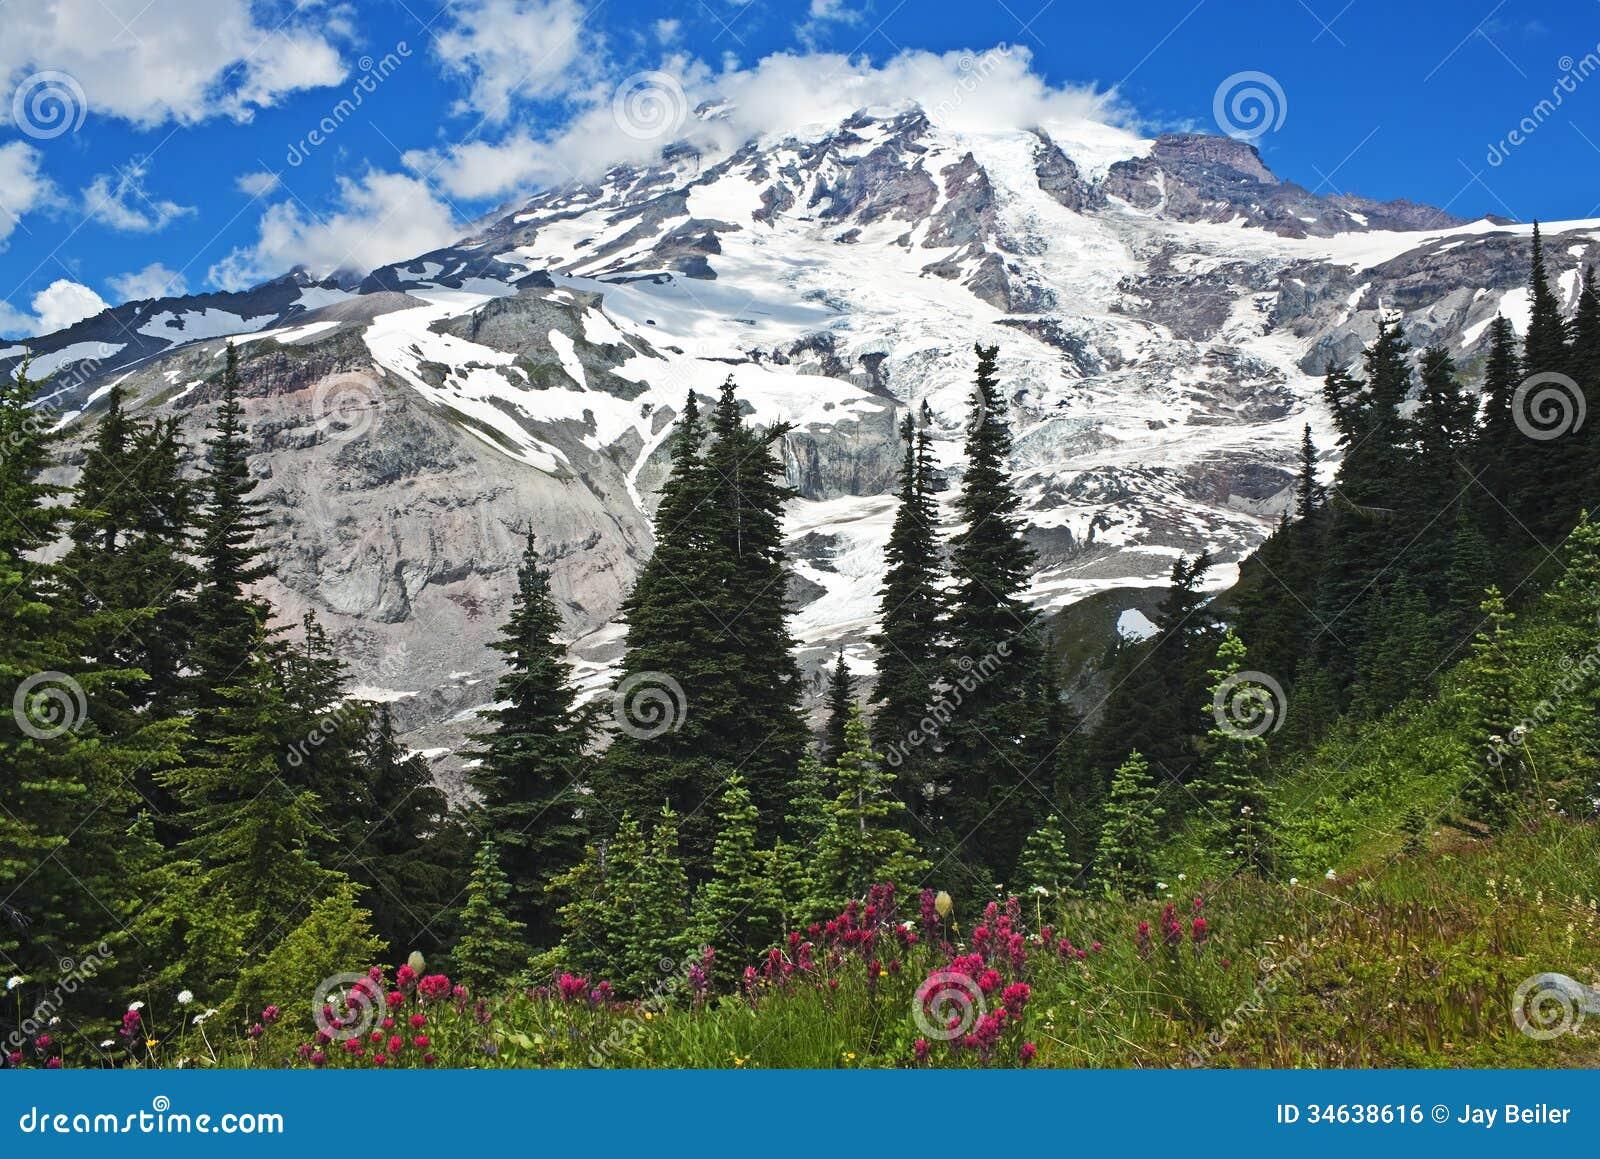 Spectaculaire Mt. Regenachtiger met wildflowers